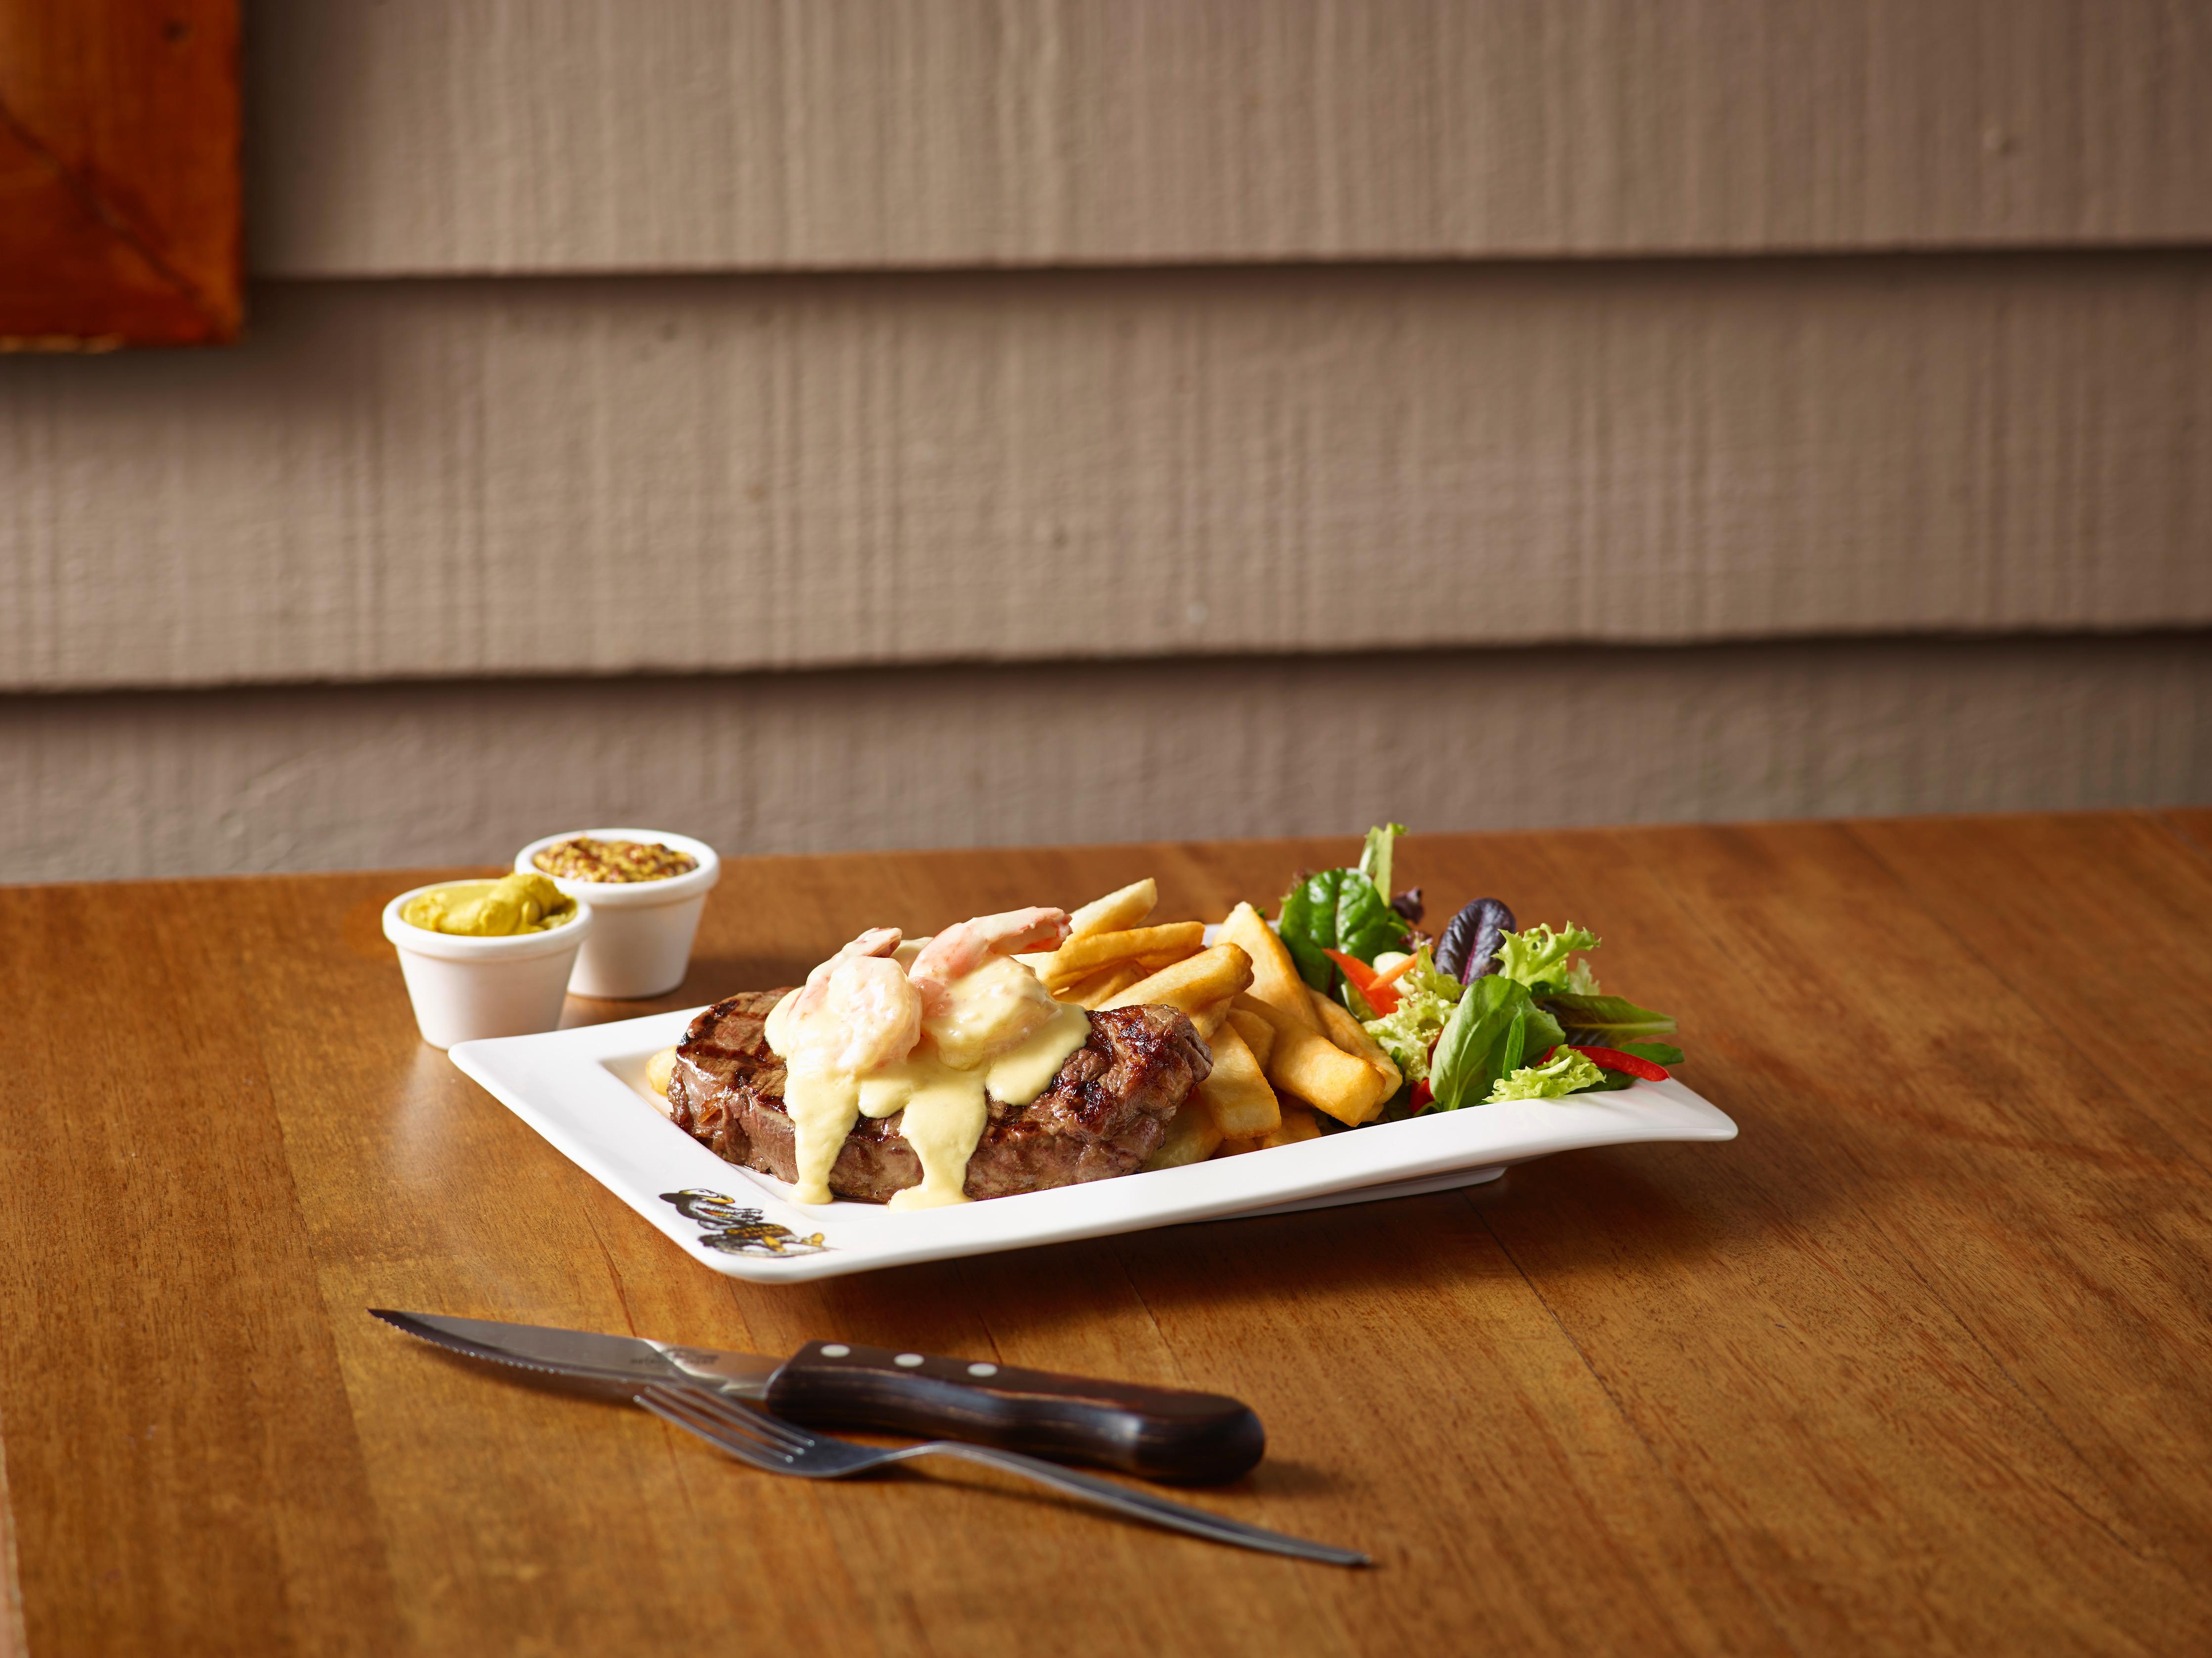 iconic-franchise-restaurant-full-training-provided-maitland-3